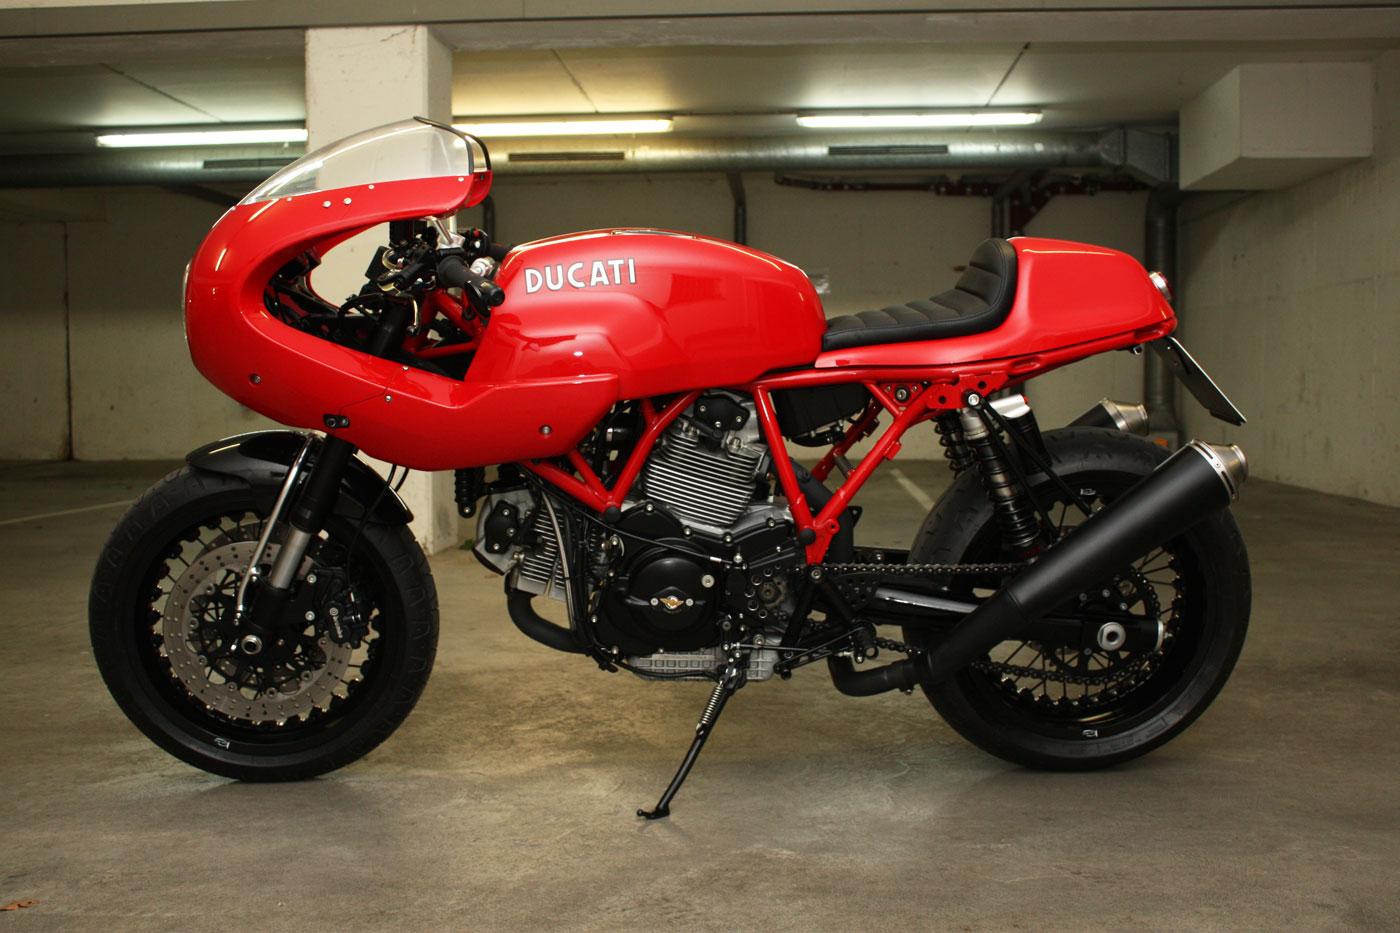 Ducati Sport 1000s Caferacer Rocketgarage Cafe Racer